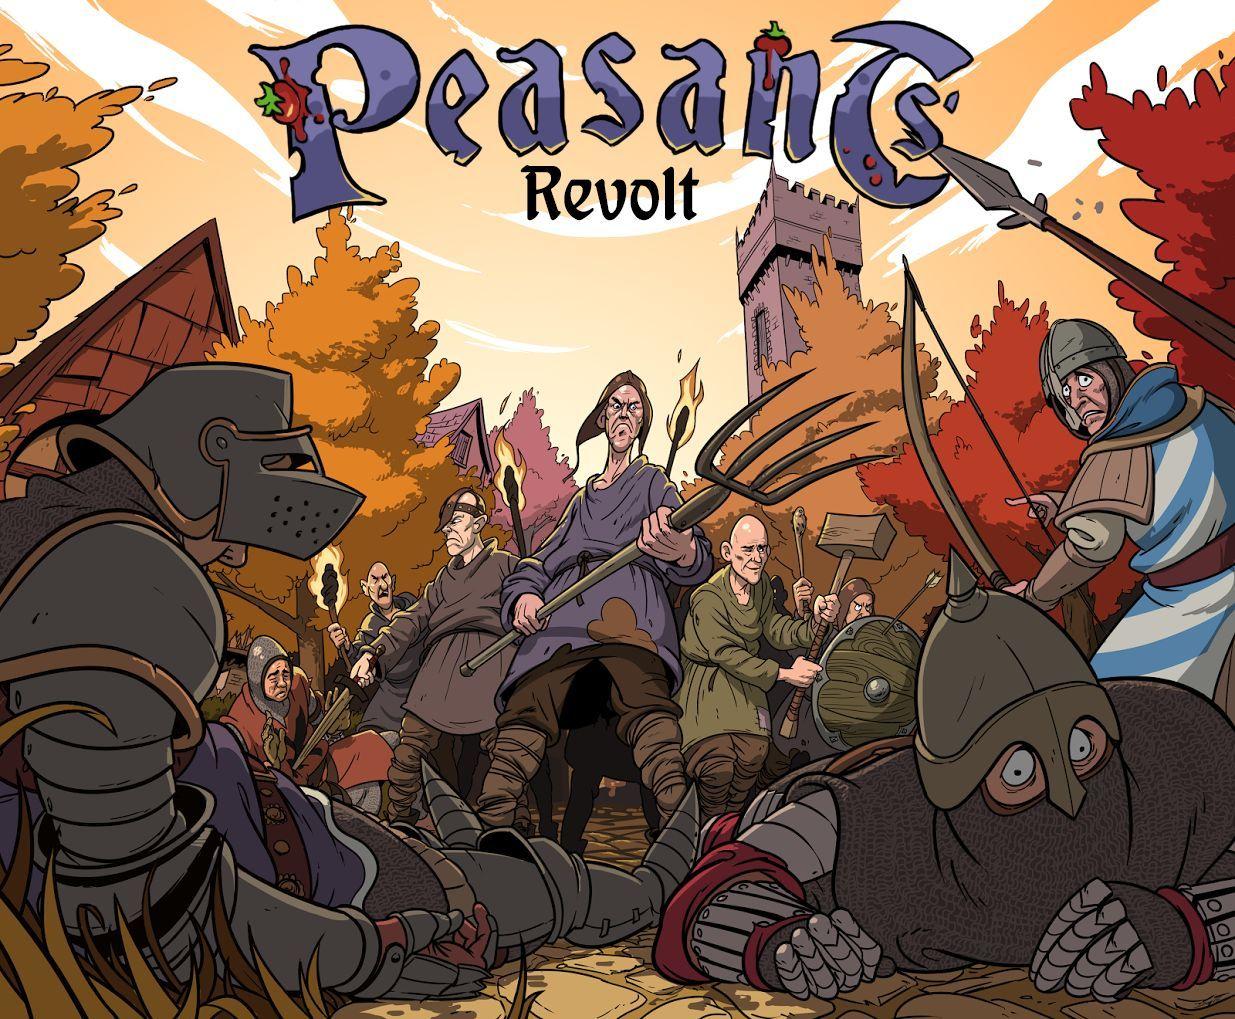 Ultima pregunta, y sí, por tanto la más difícil. ¿Qué skin se regaló a los participantes de la Peasant Revolt?